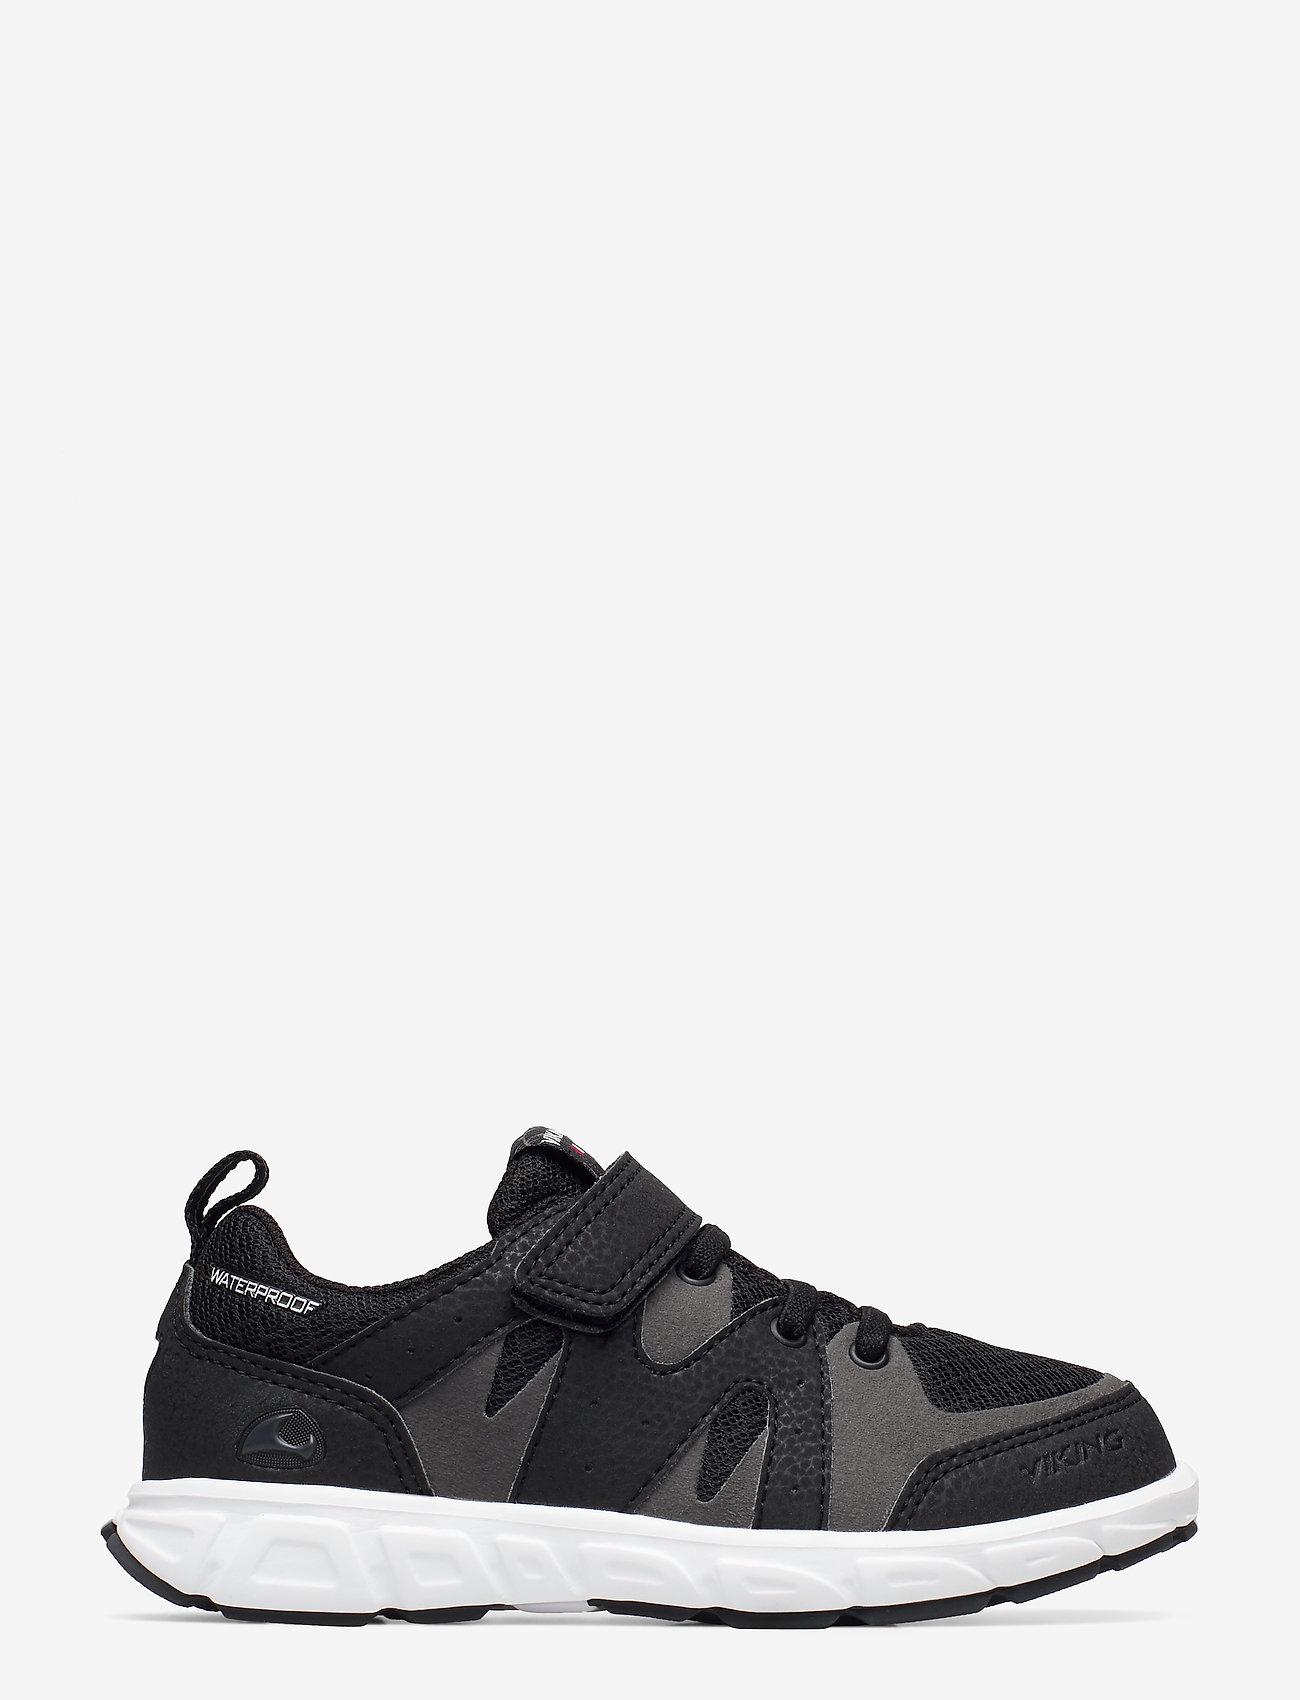 Viking - Tolga WP - low-top sneakers - black/charcoal - 1